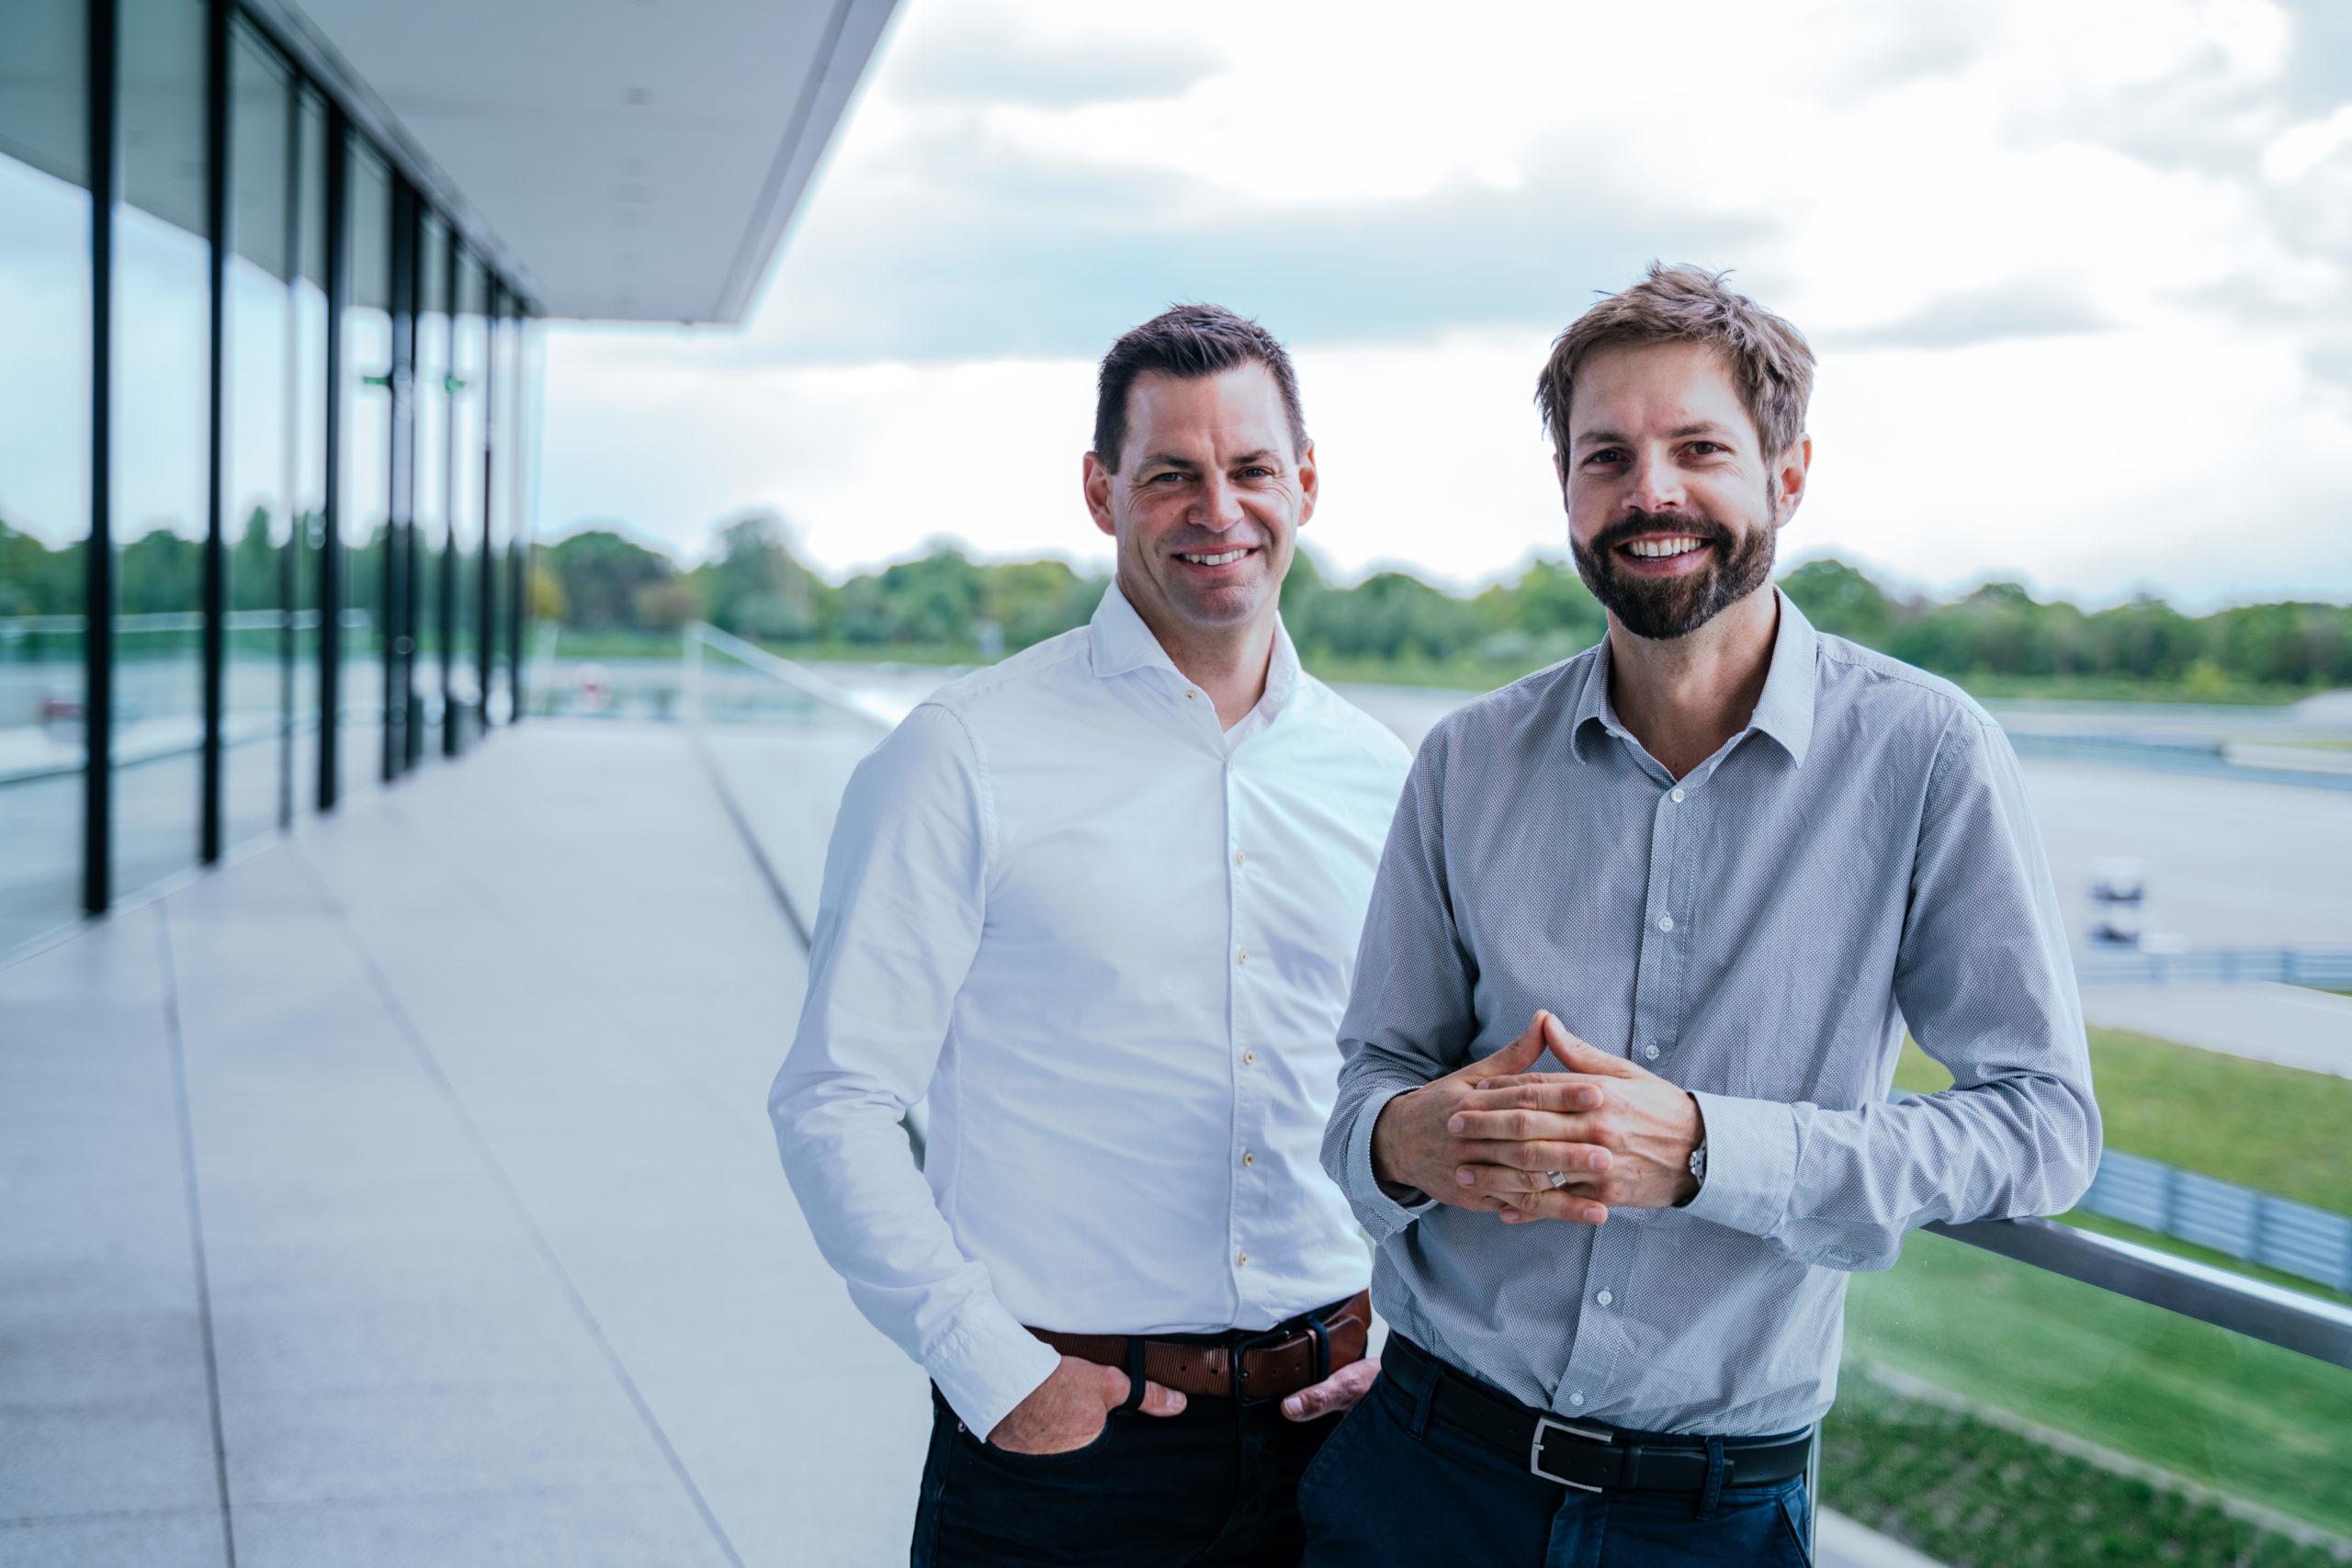 Cube-Geschäftsführung: Frank Fichtner, Dr. Michael Schilhaneck (von links, Foto: Cube brand communications)